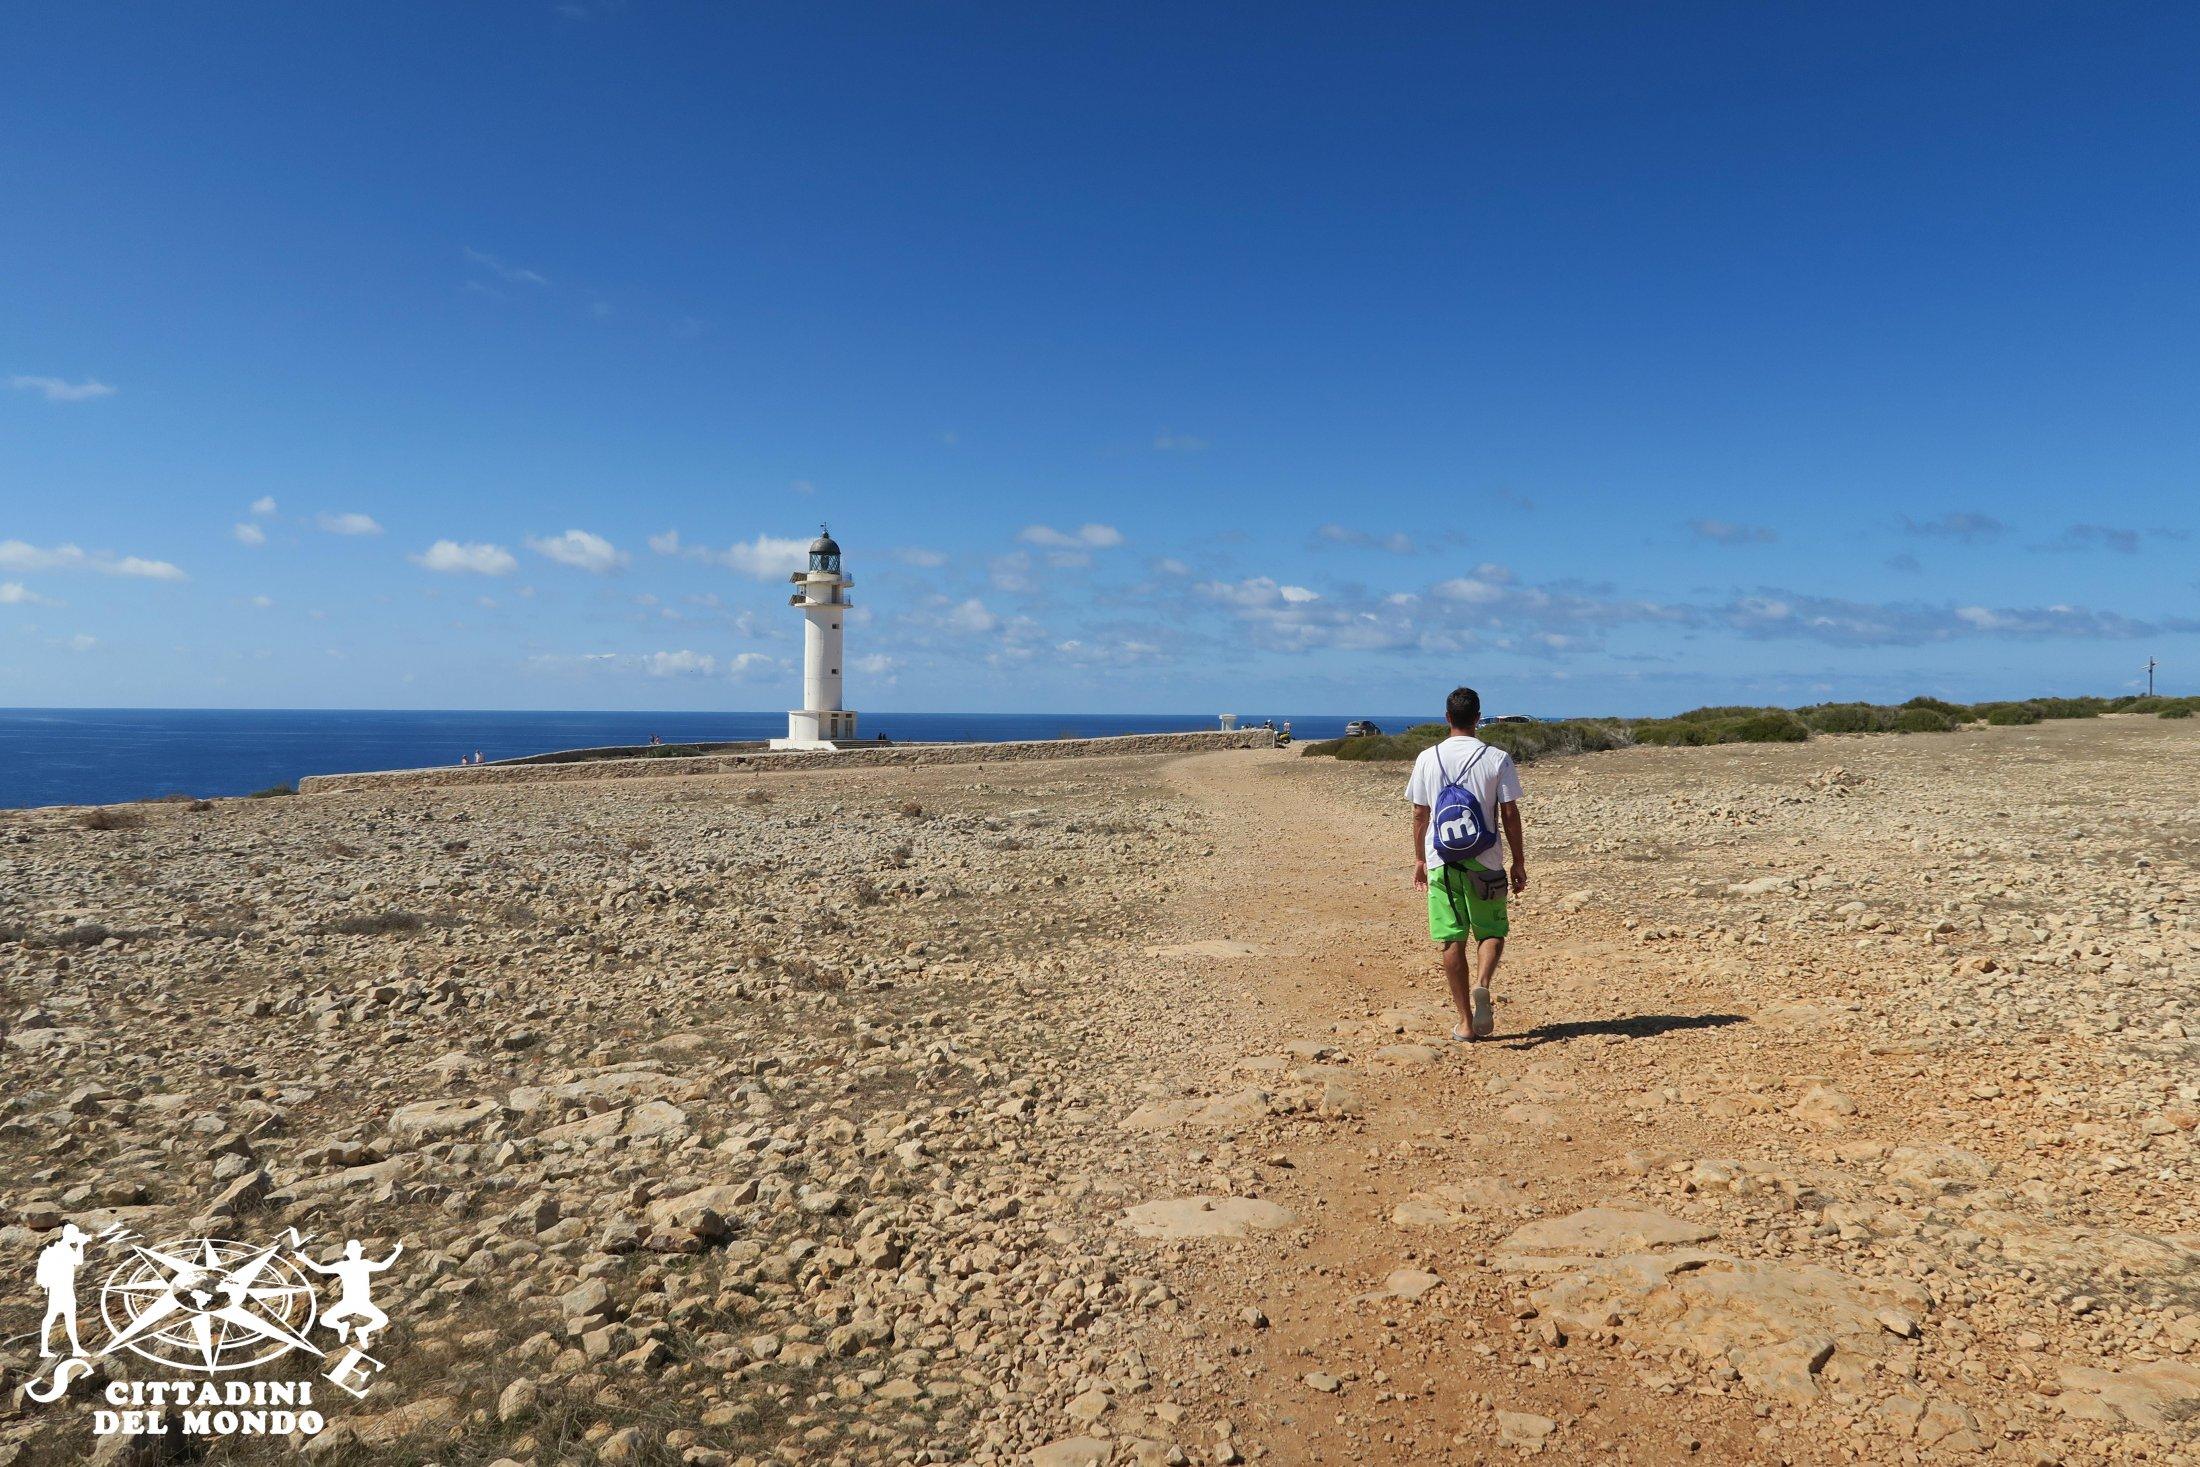 Foto Galleria: Formentera